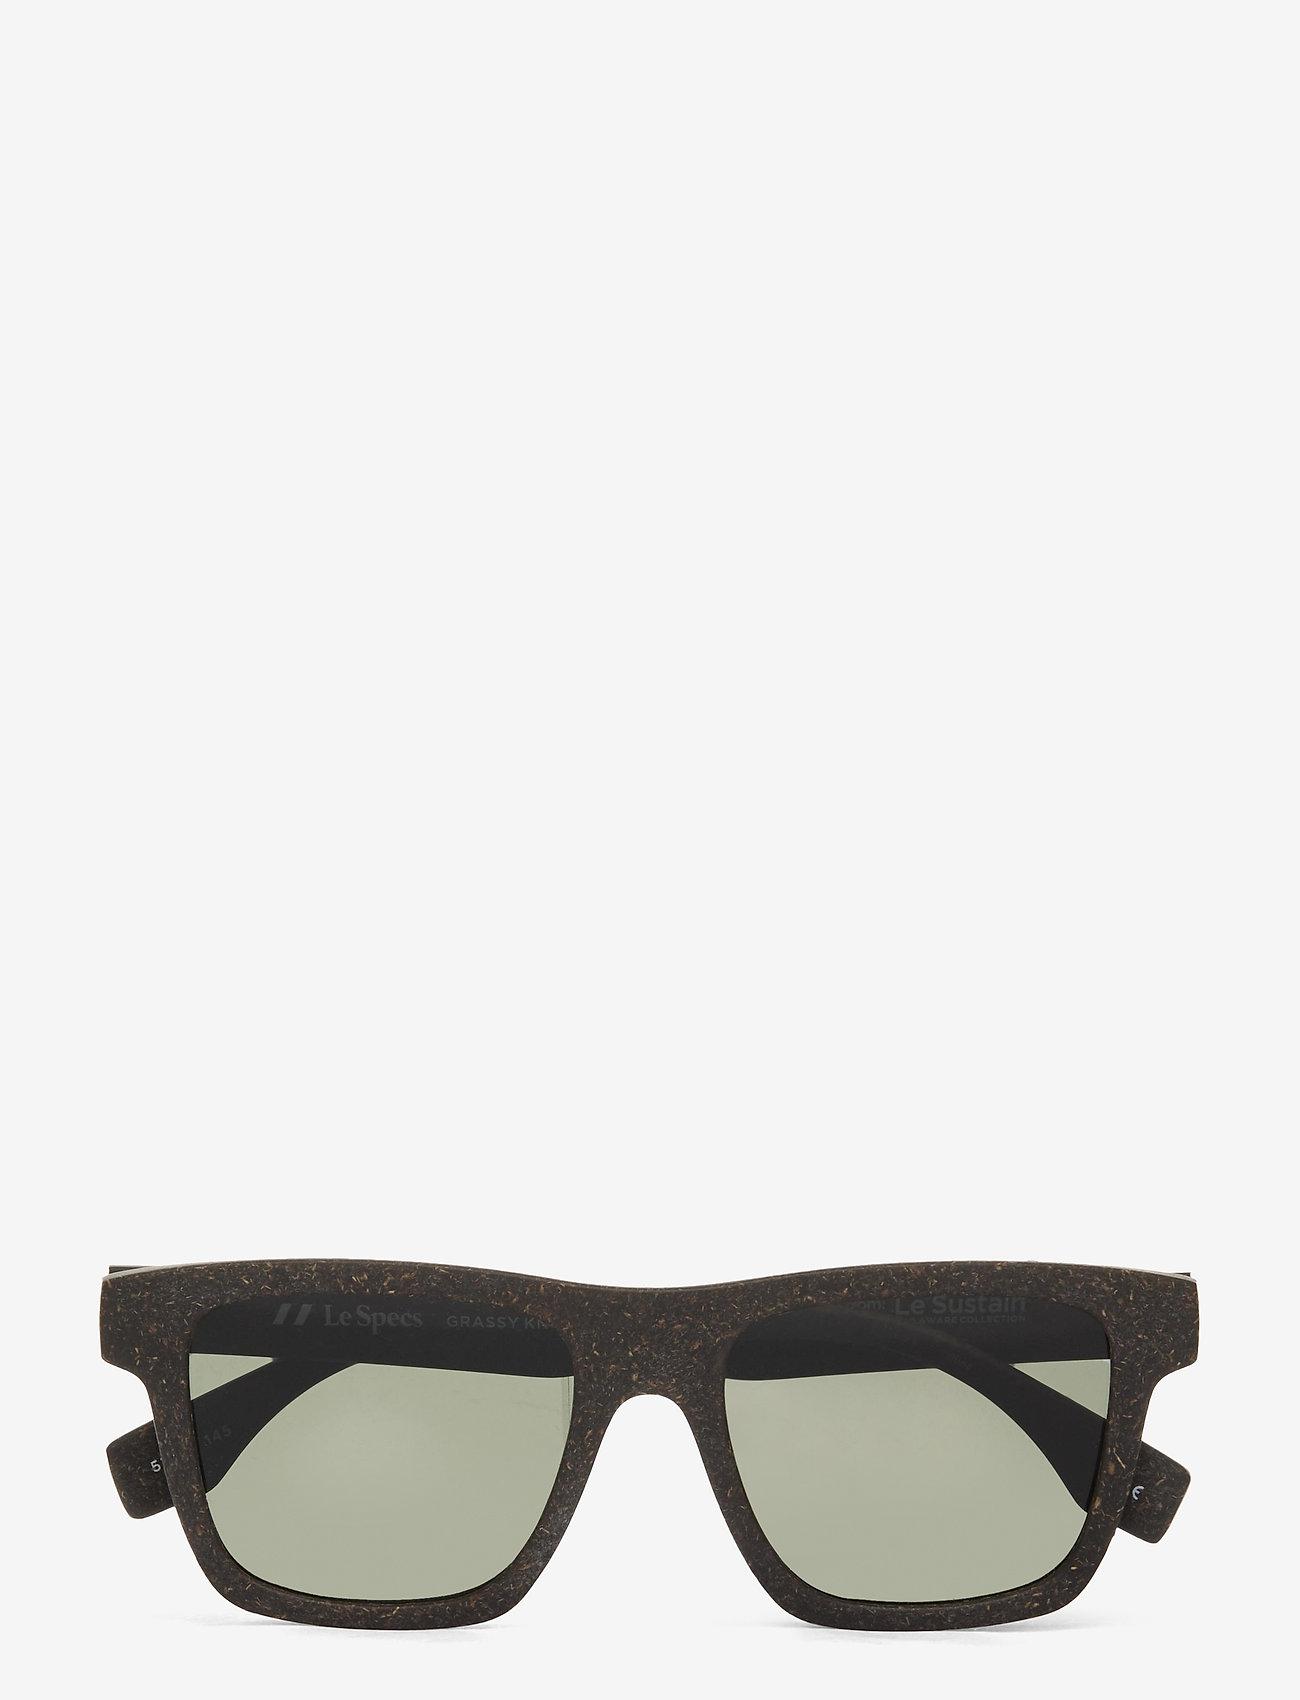 Le Specs - LE SUSTAIN - GRASSY KNOLL - d-vormige - midnight grass w/ khaki mono lens - 0